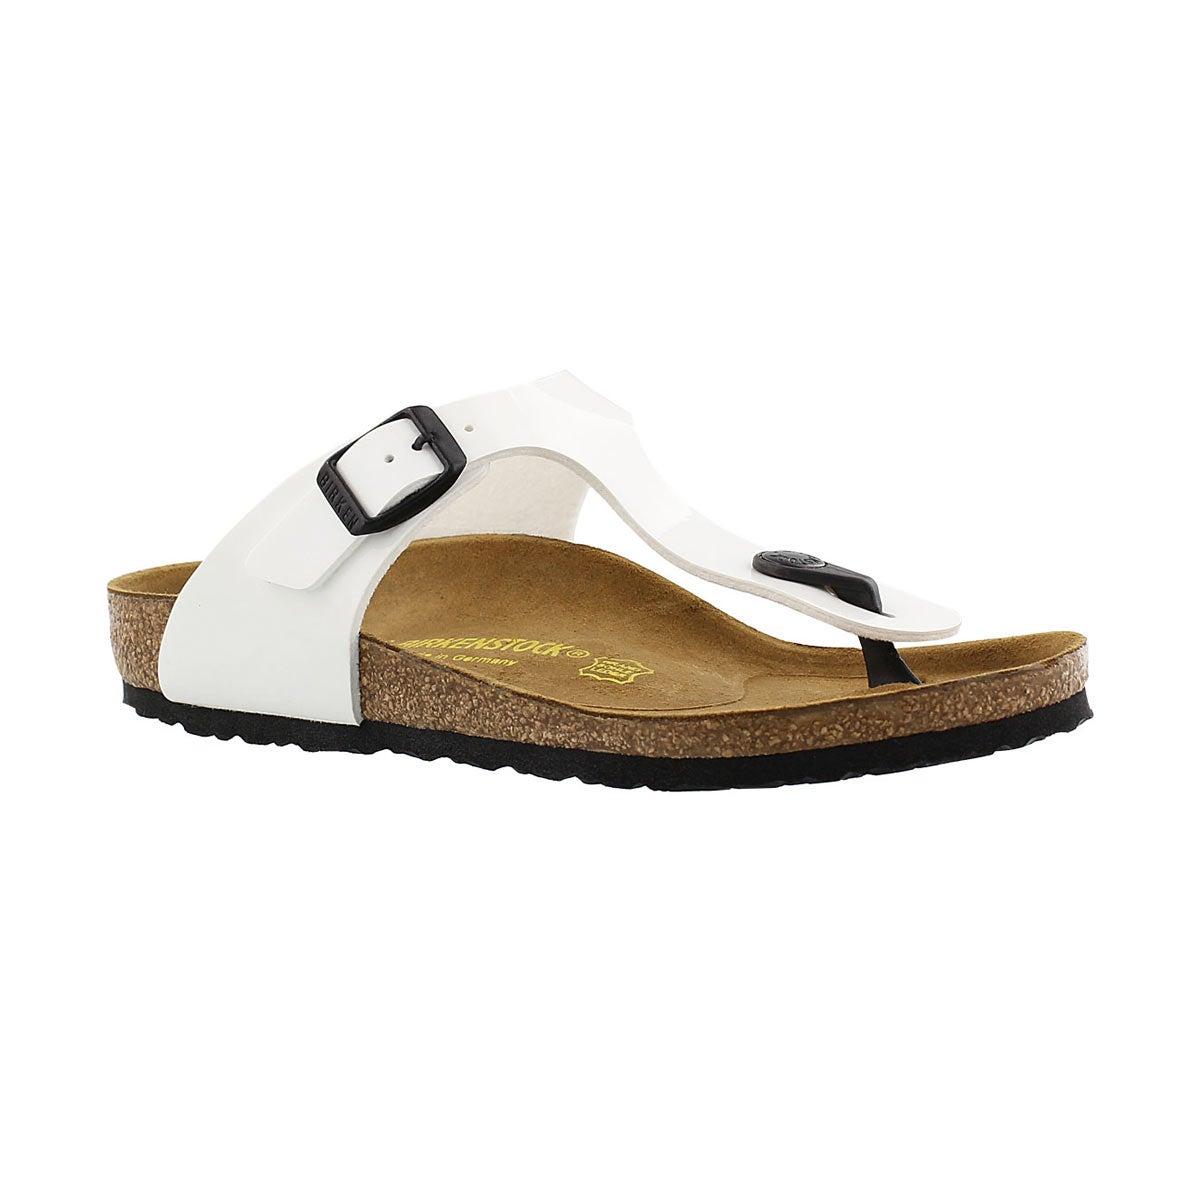 Grls Gizeh white pat BF thong sandal-Nar